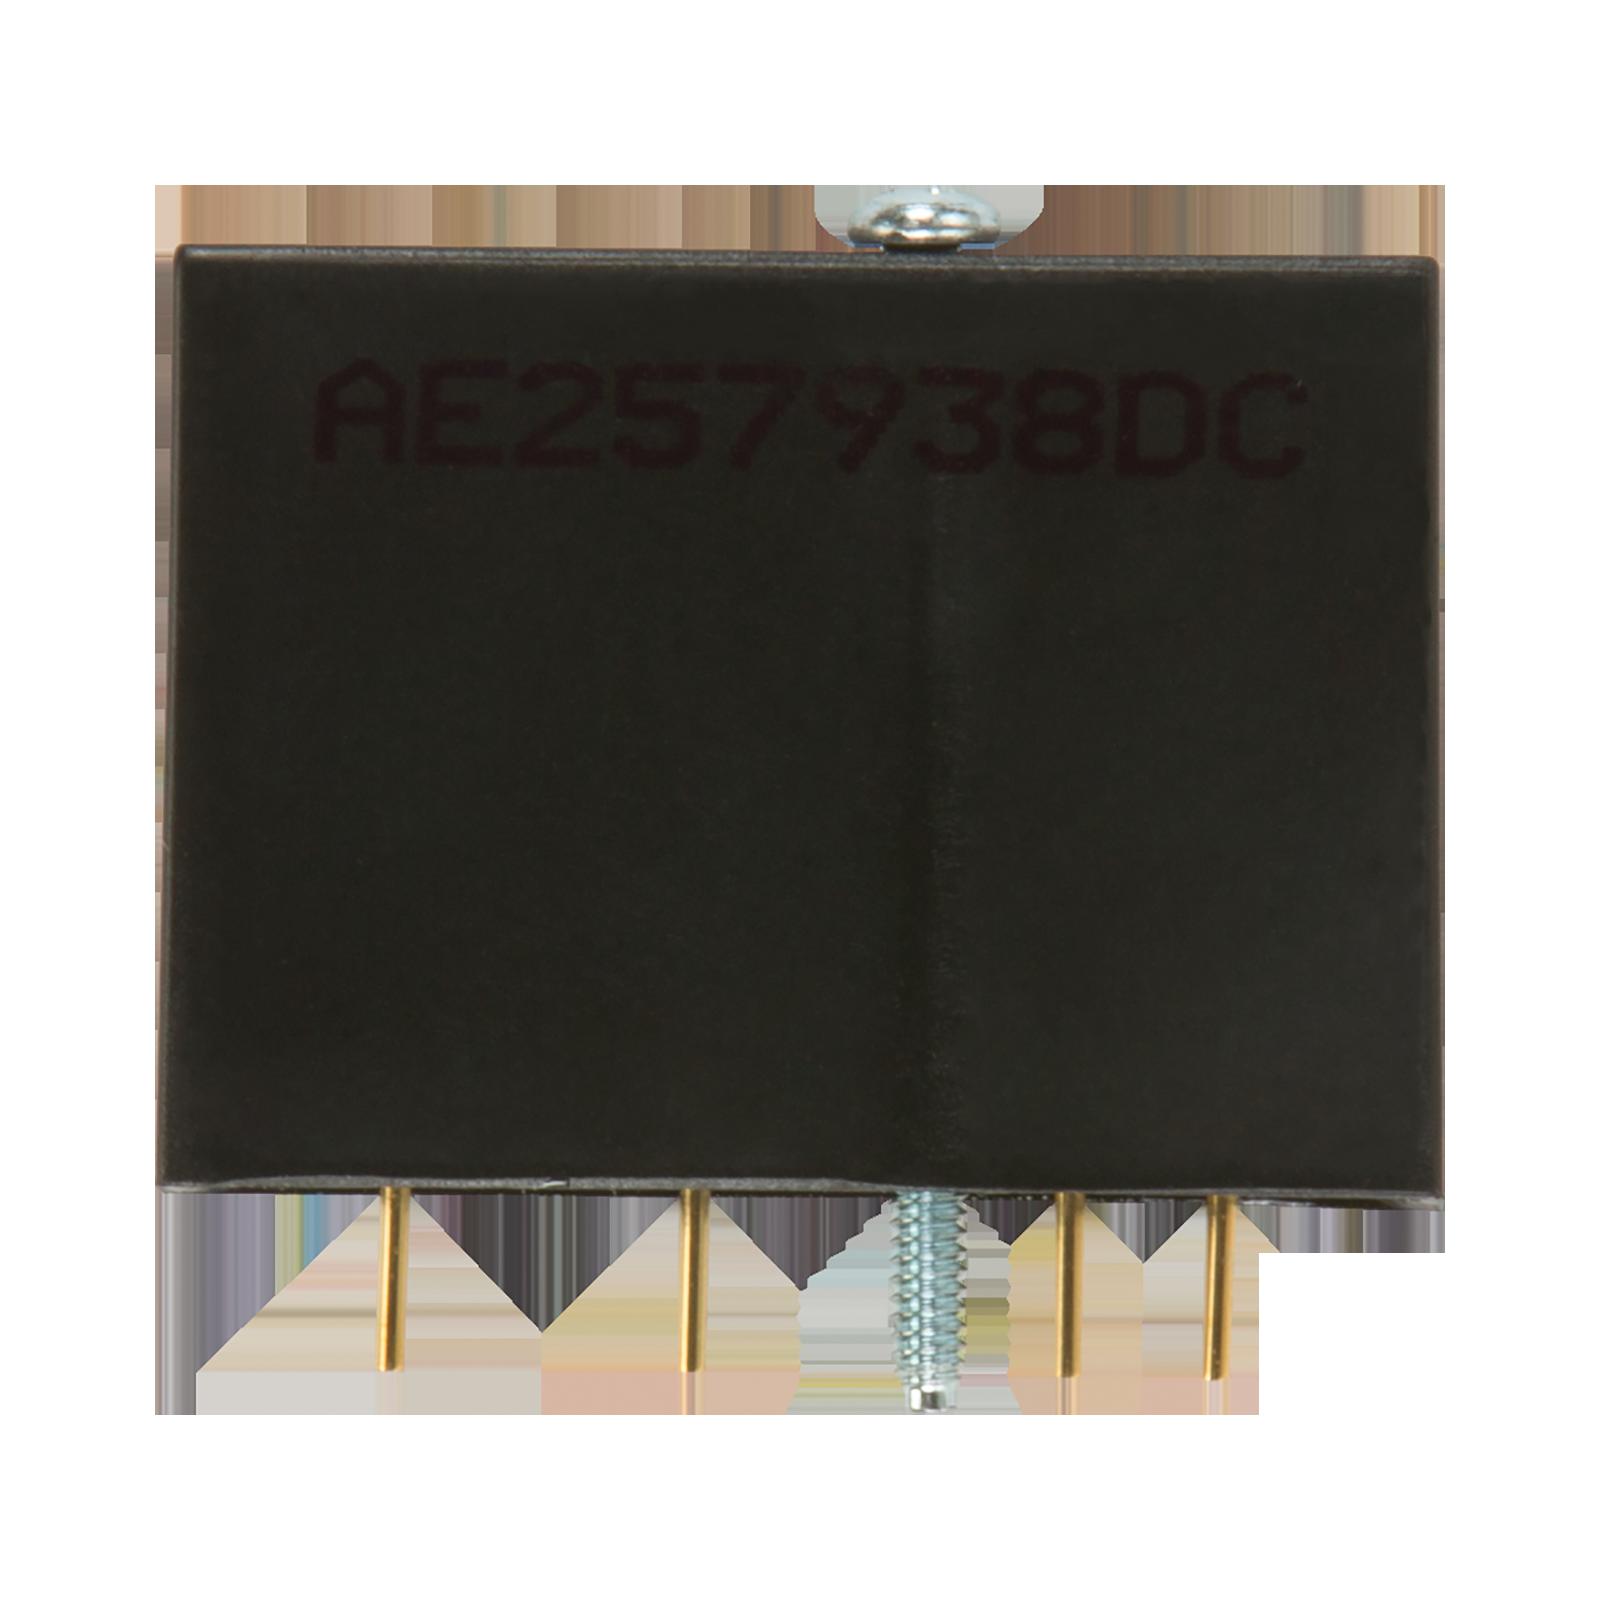 opto22 oac5a5 g1 ac digital output 24 280 vac 5 vdc logic rh opto22 com